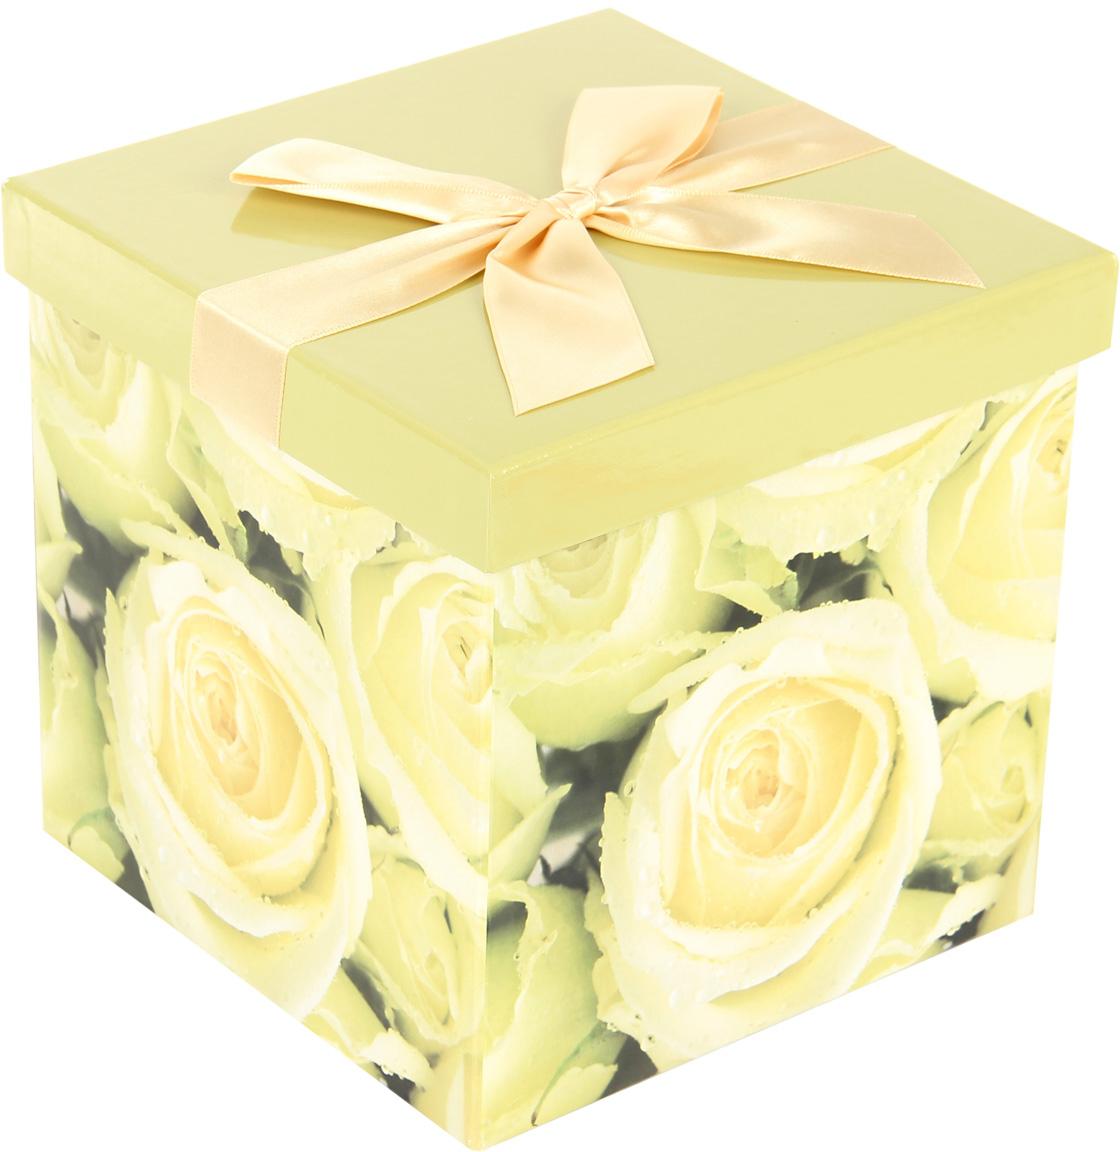 Коробка подарочная Veld-Co Giftbox. Трансформер. Белые розы, цвет: разноцветный, 17,5 х 17,5 х 17 см коробка подарочная veld co свадебный бабочки цвет слоновая кость 18 х 18 х 26 см